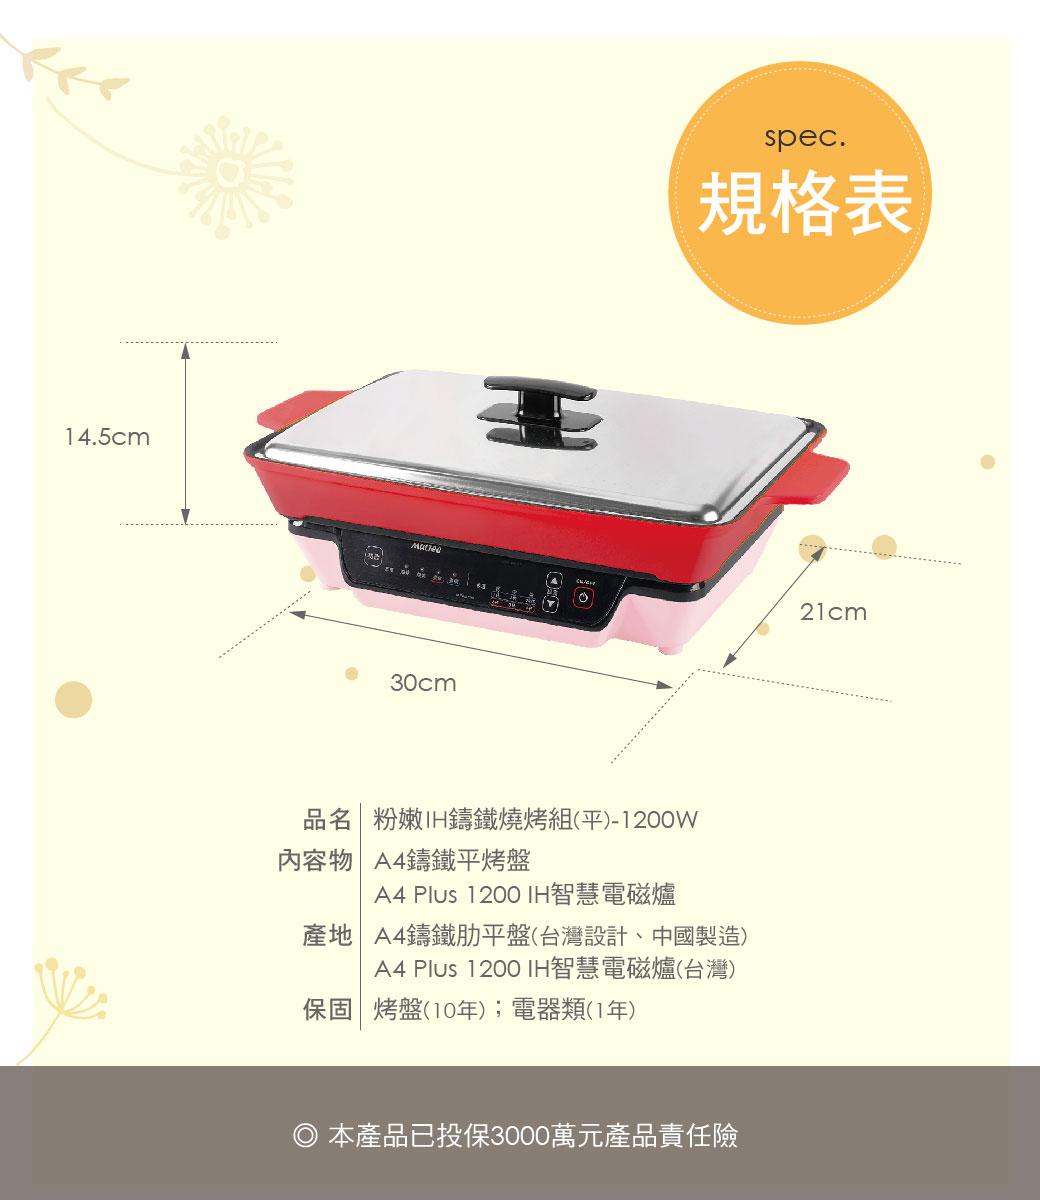 粉嫩IH鑄鐵燒烤組-1200W-10.jpg